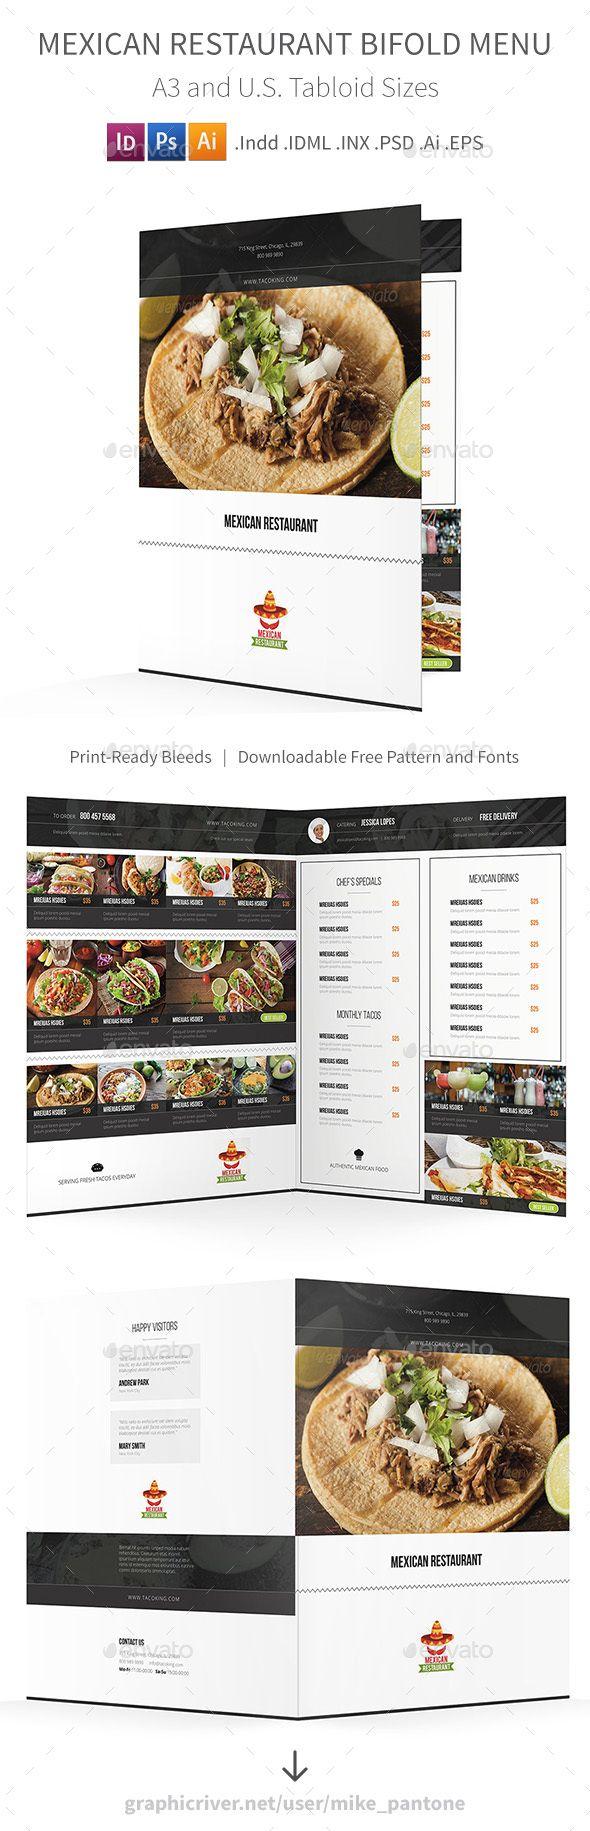 Mexican Restaurant Bifold / Halffold Brochure | Spanisch und Restaurant